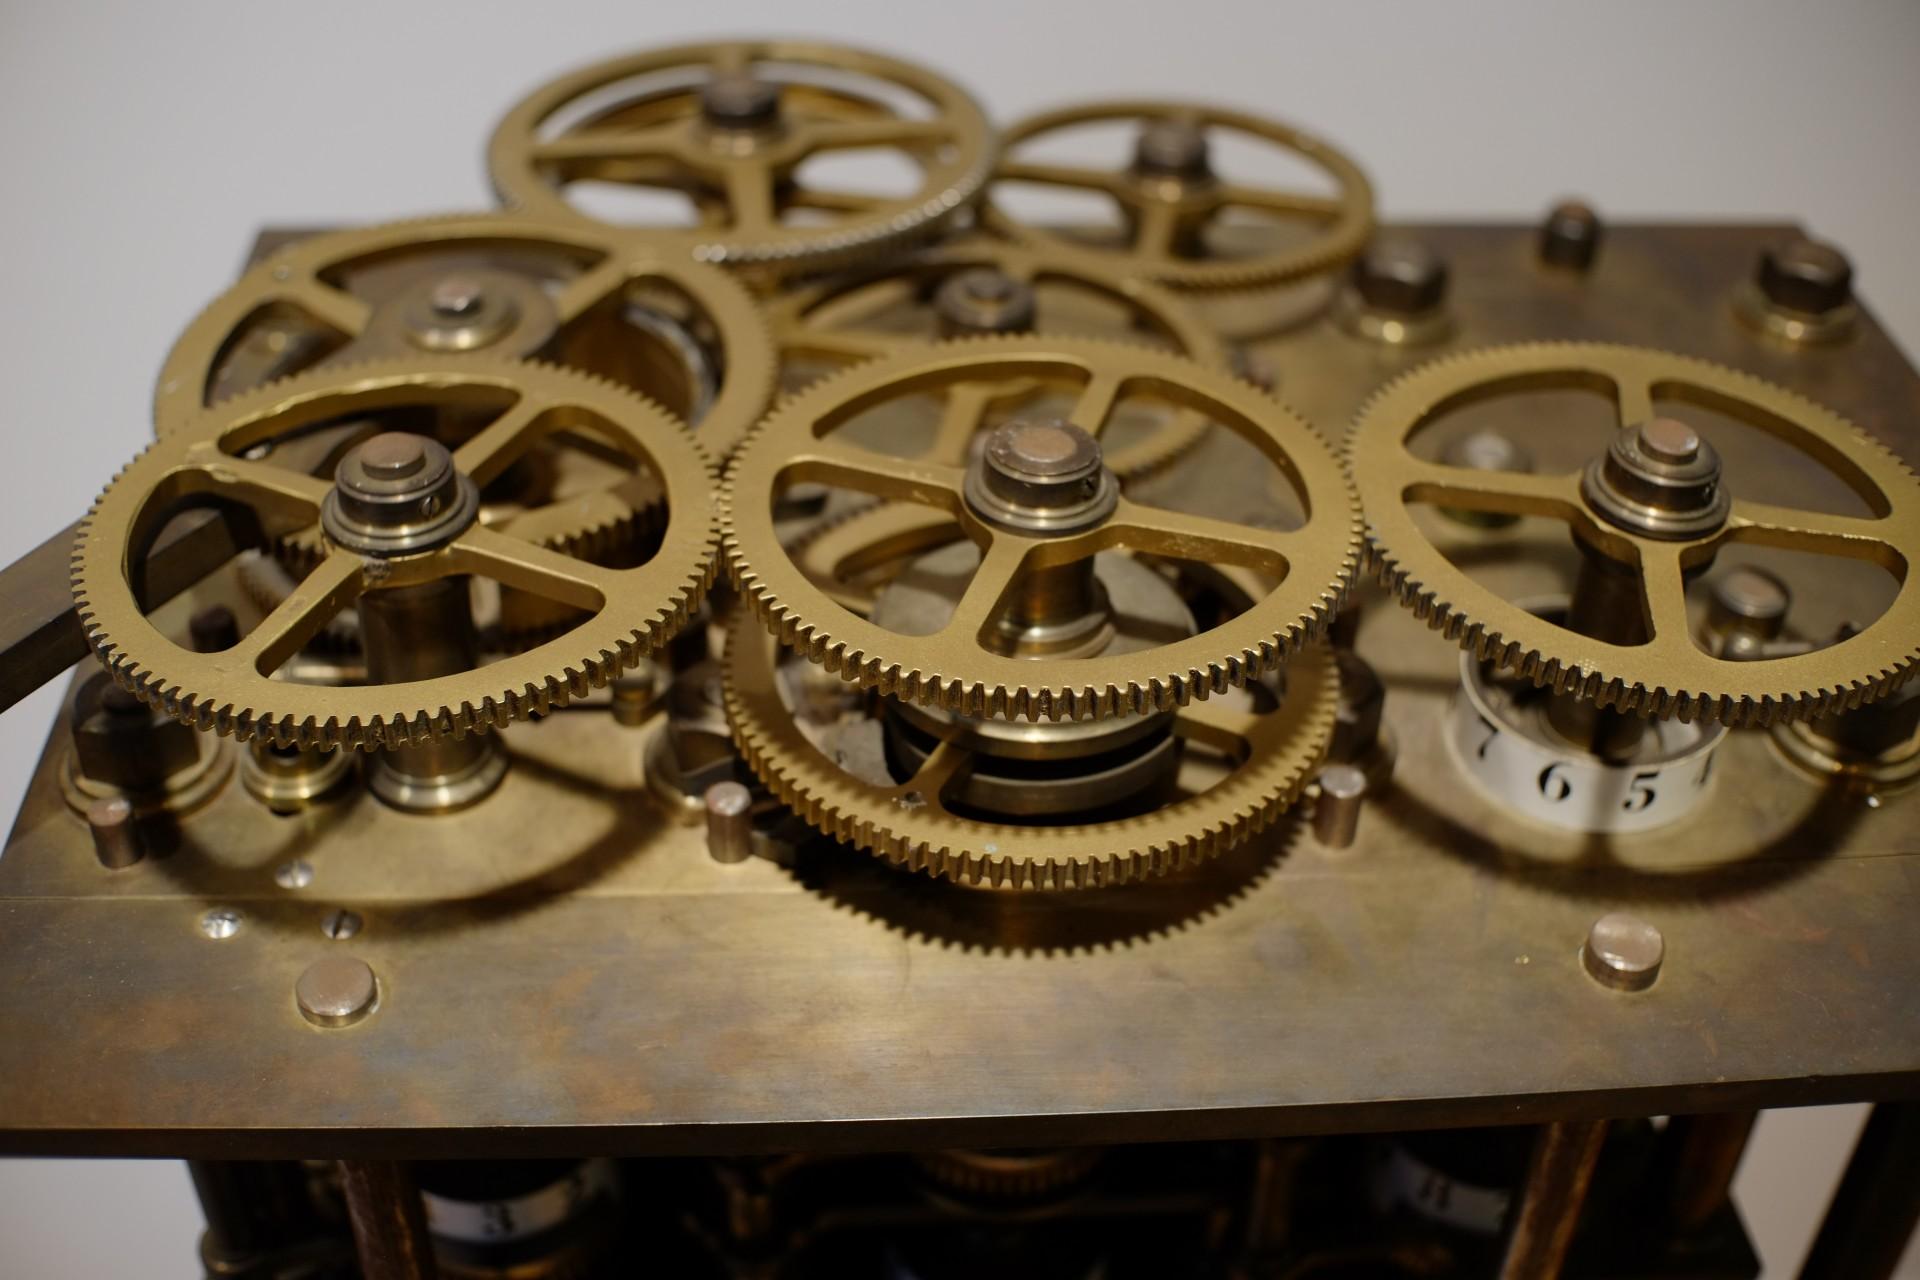 Arithmeum 1/60sec ISO-500 25mm